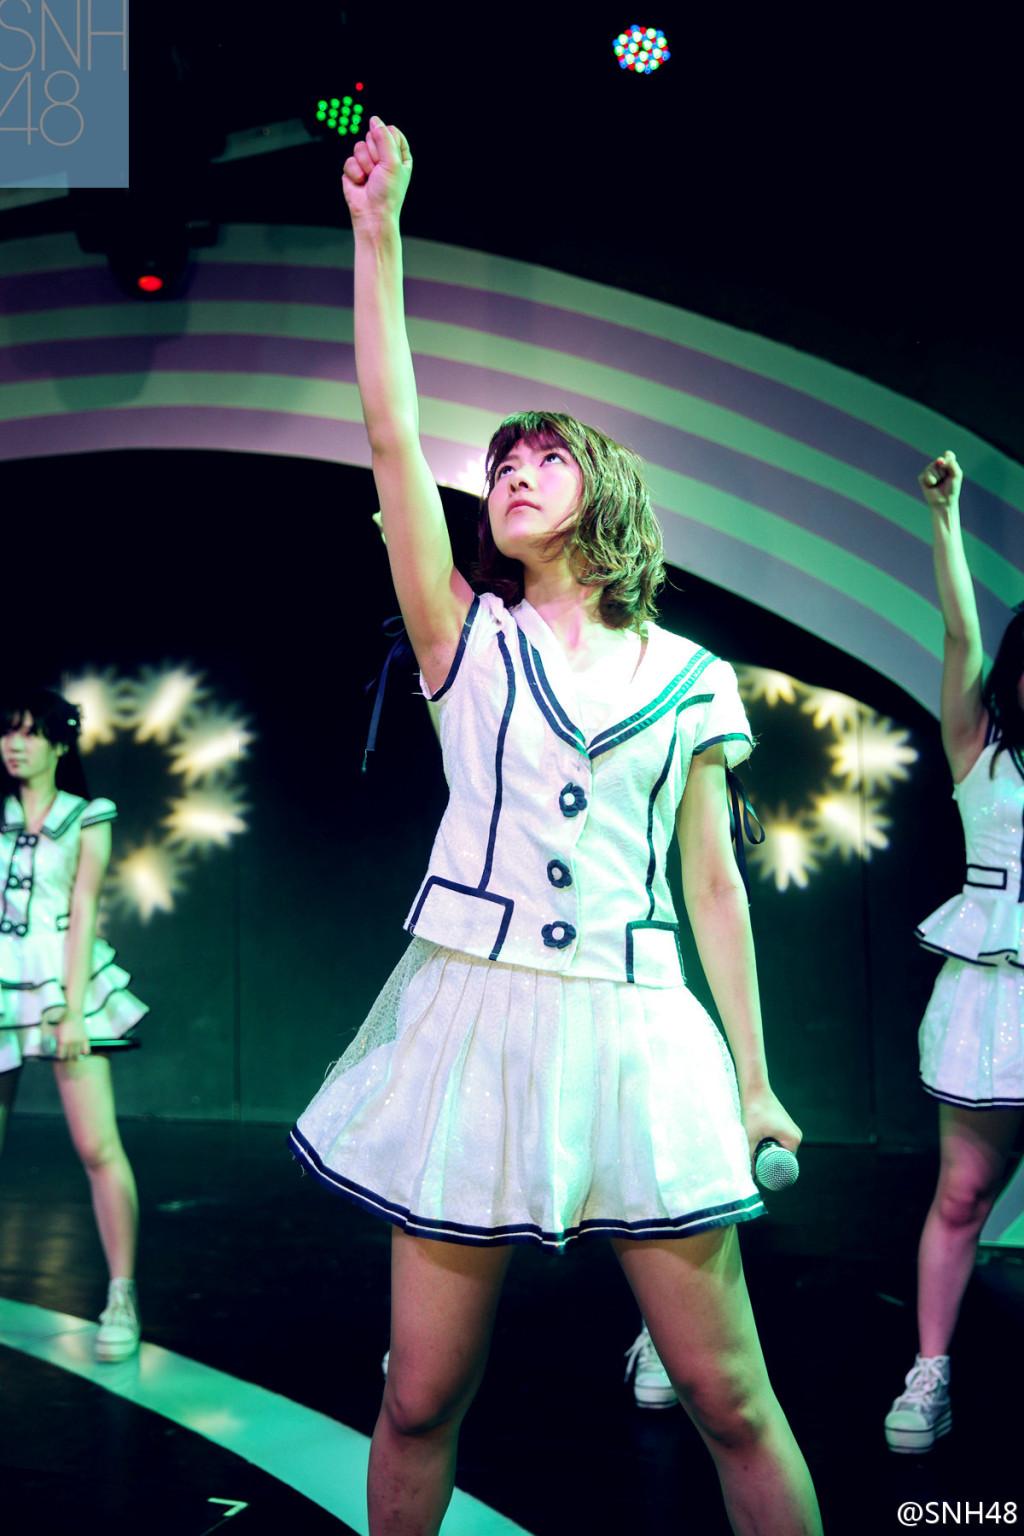 【SNH48】宮澤佐江、鈴木まりや出演の『最終ベルが鳴る』公演の動画が配信開始!(全編約2時間)